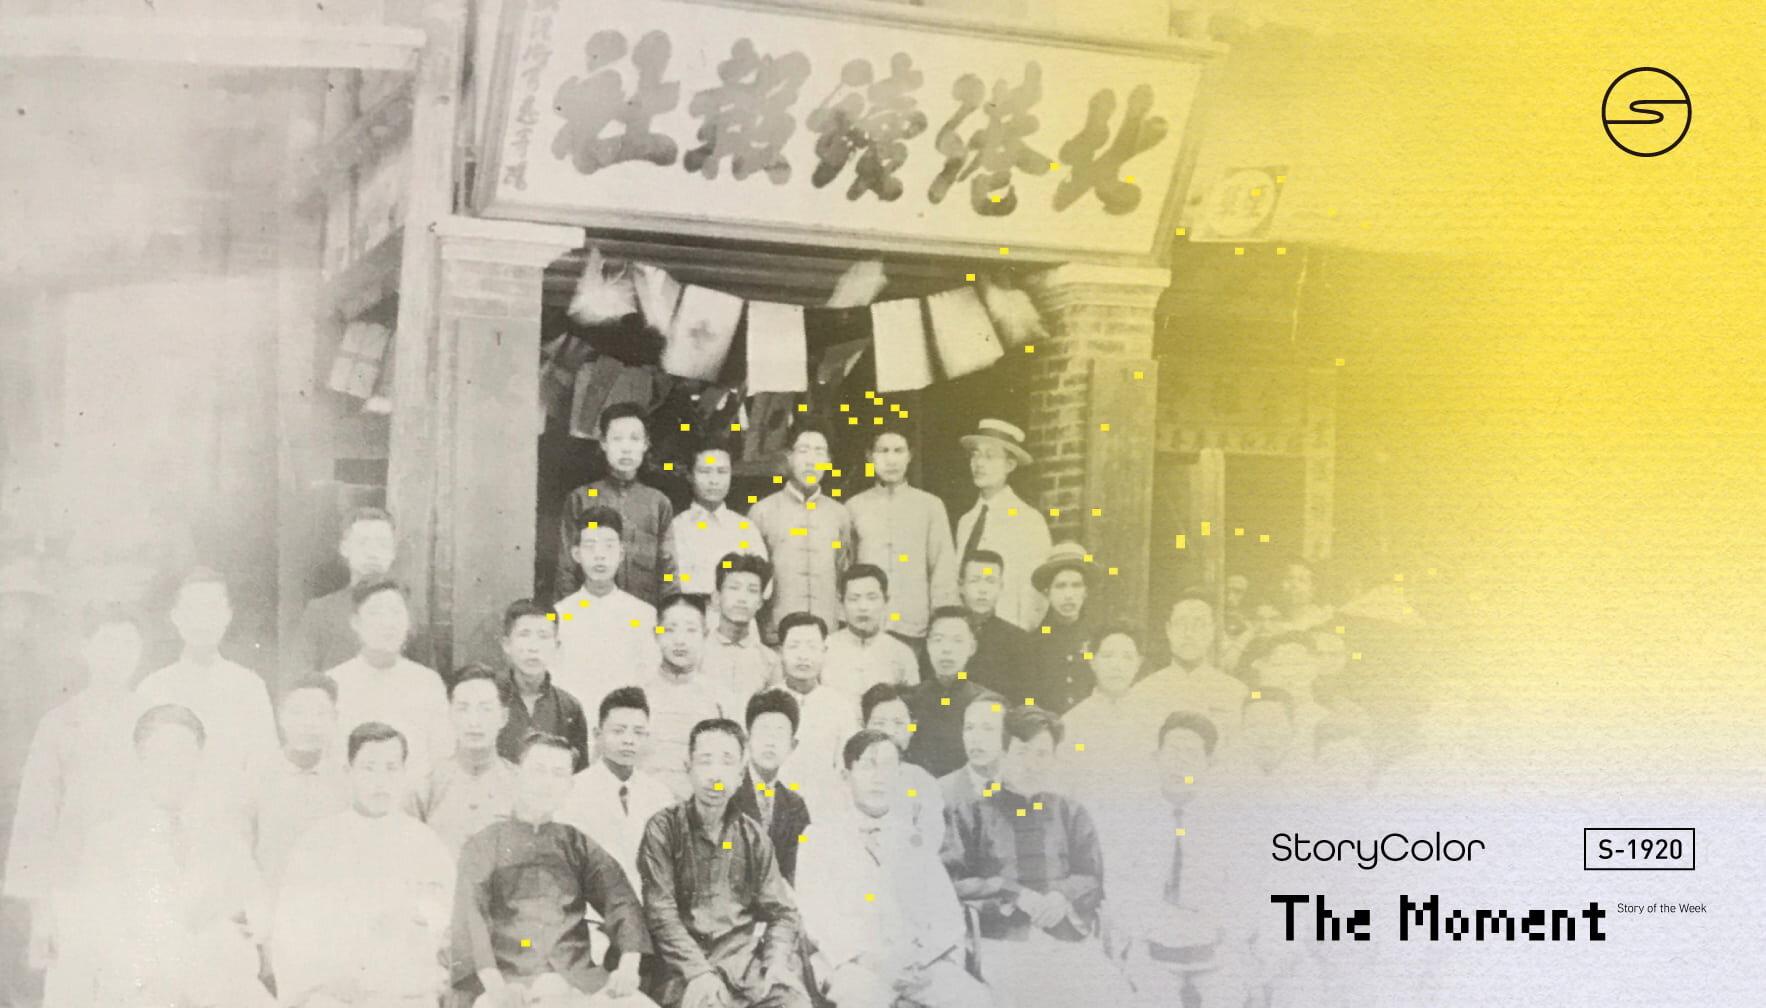 「然而臺灣人現時有病了。」他們辦報演講放電影,拯救「世界文化的低能兒」|文協1920之三